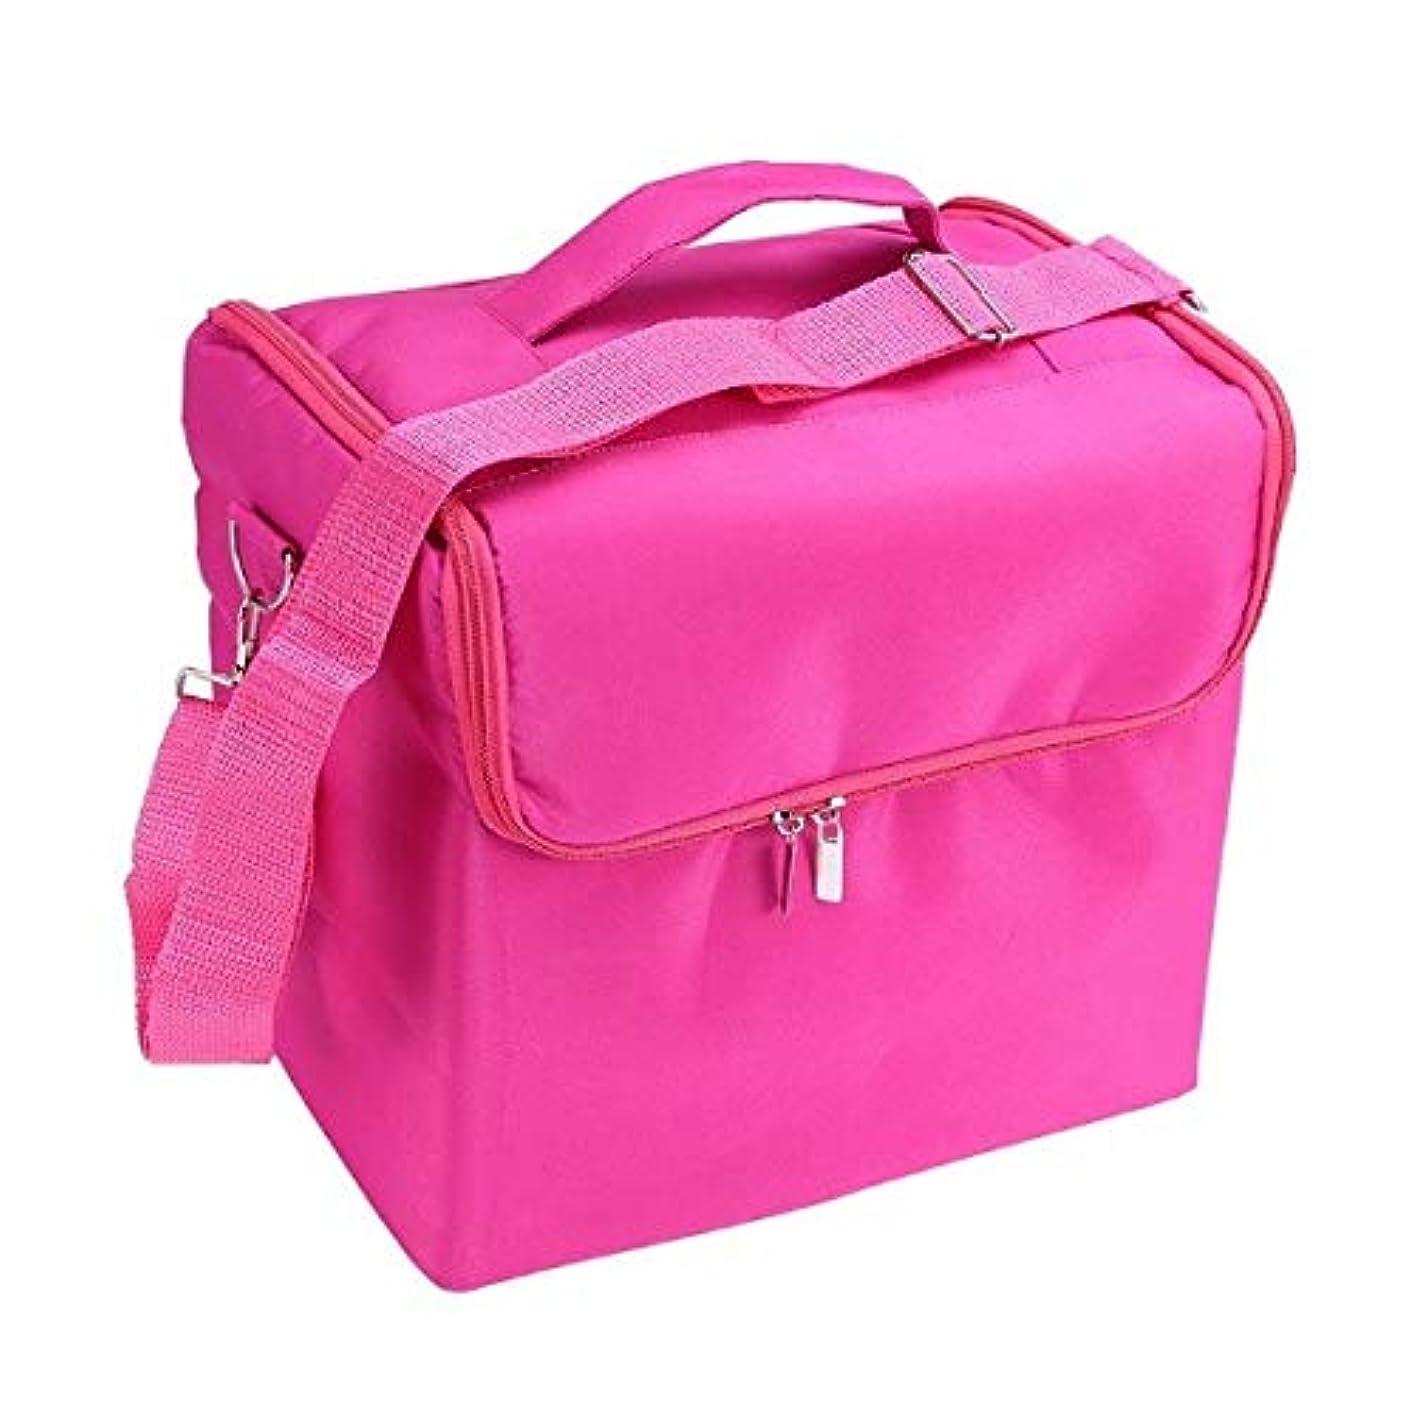 繕う書道地殻化粧品ケース、ローズレッド多層化粧品バッグ、ポータブル旅行多機能化粧品ケース、美容ネイルジュエリー収納ボックス